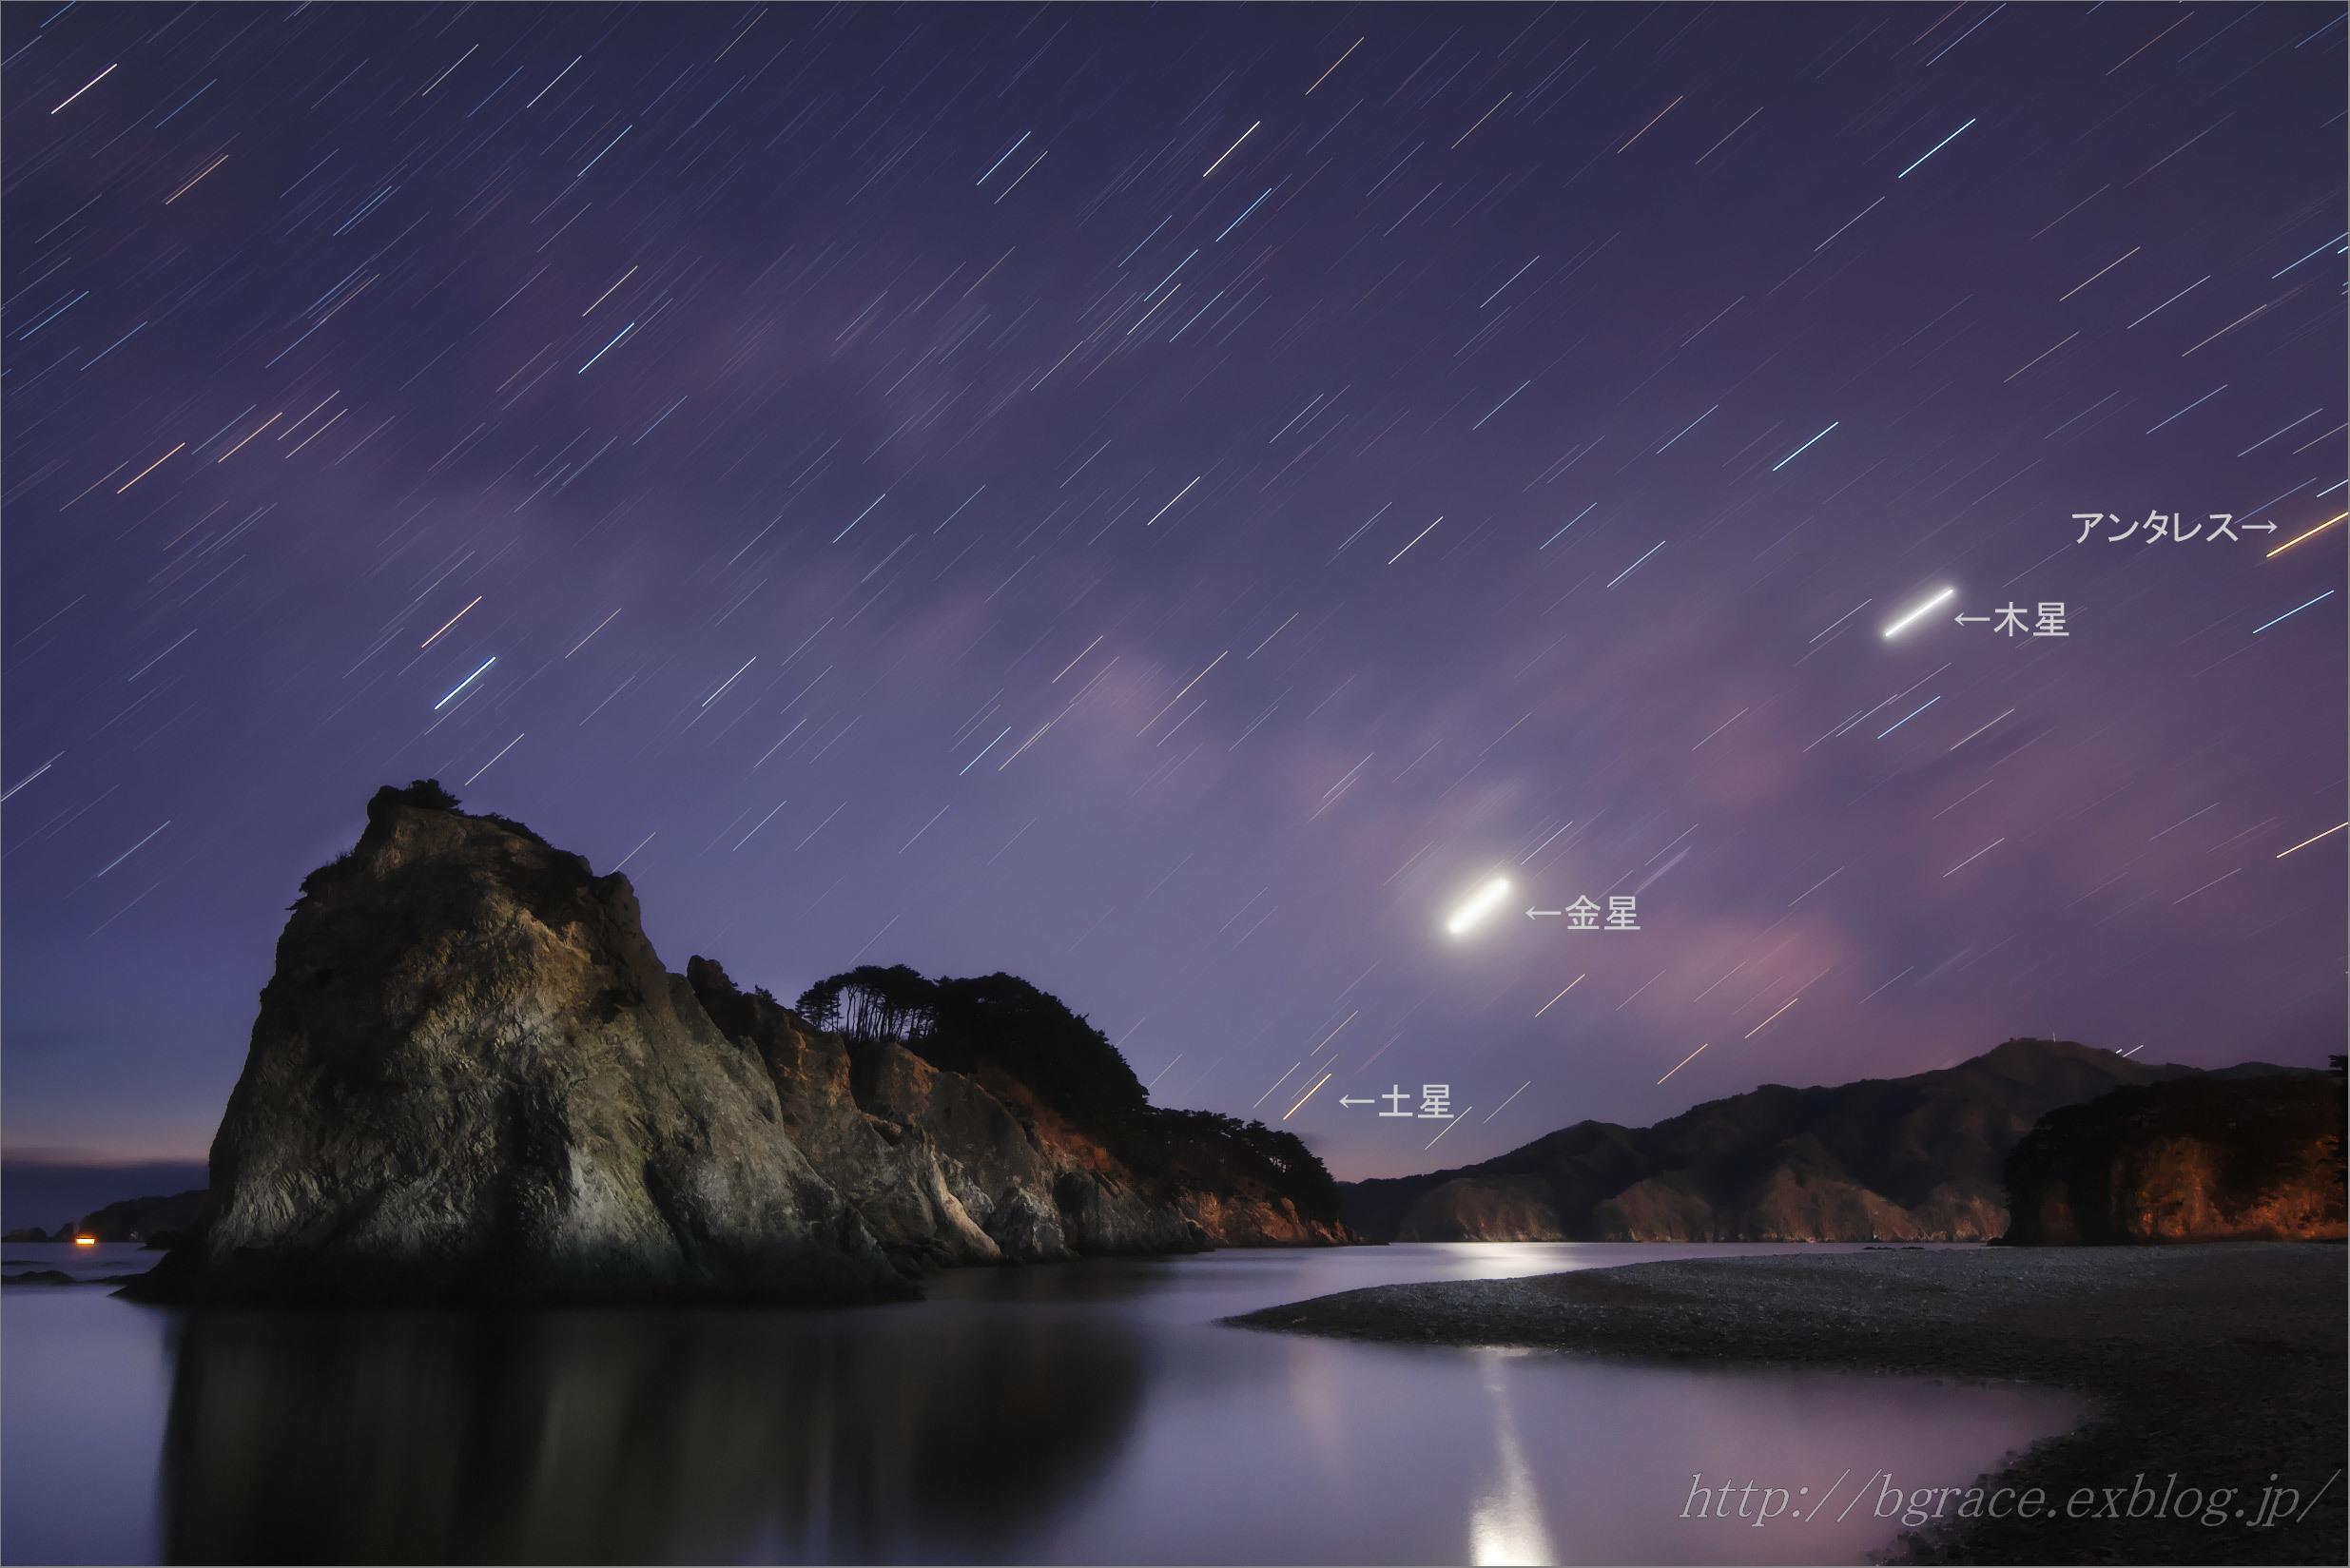 浄土ヶ浜 バルブな夜_b0191074_21324411.jpg